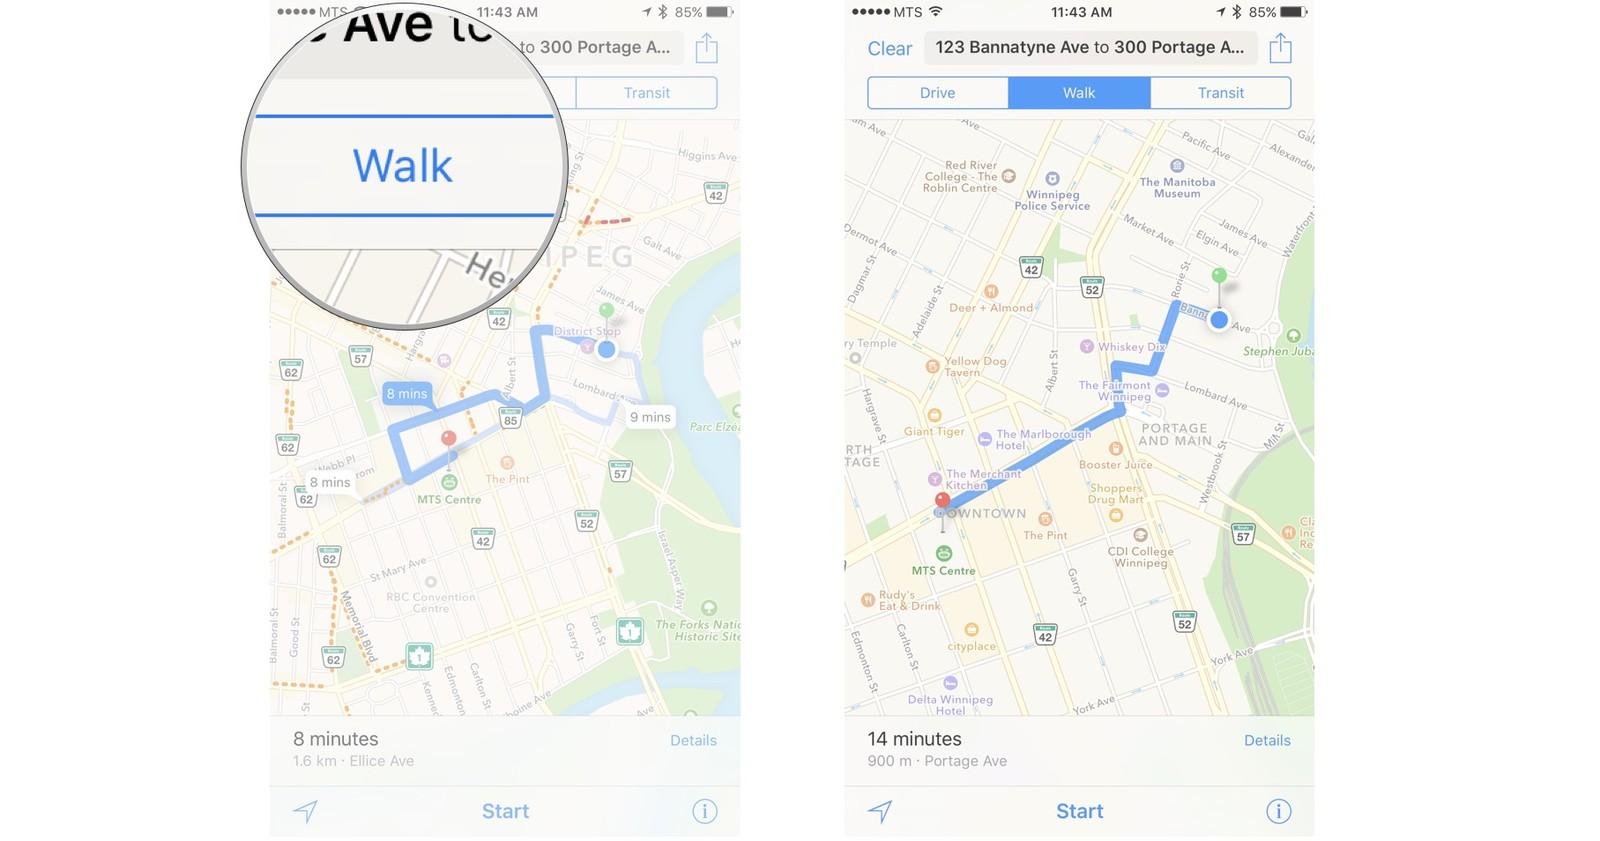 Как пользоваться Картами на iPhone и iPad - Выбор пешком, на авто или общ.транспорт